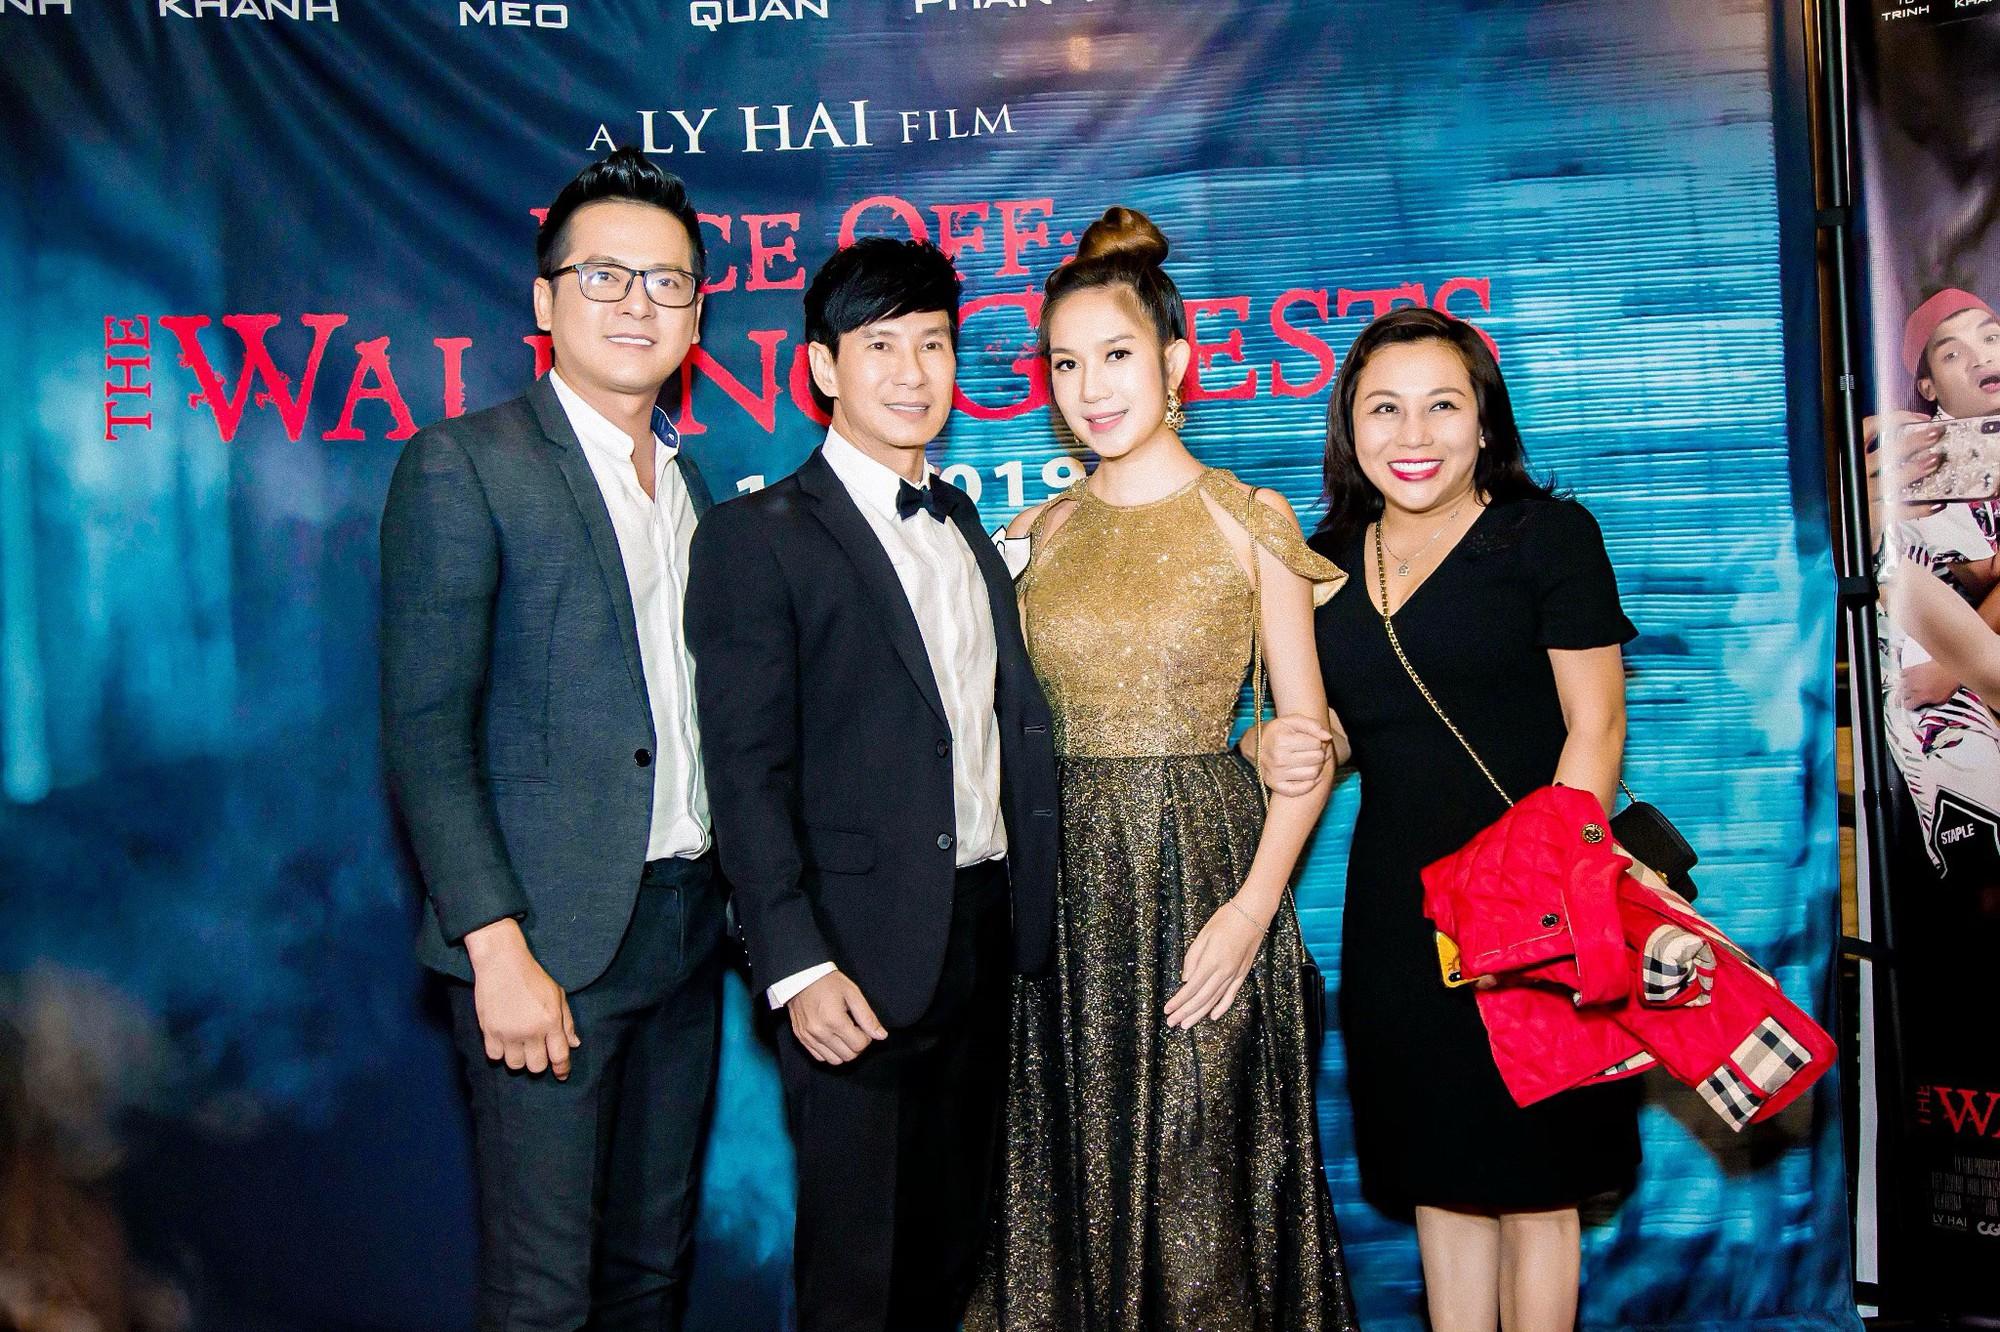 Vợ chồng Lý Hải - Minh Hà rạng rỡ trong ngày đưa phim sang Mỹ - Ảnh 3.